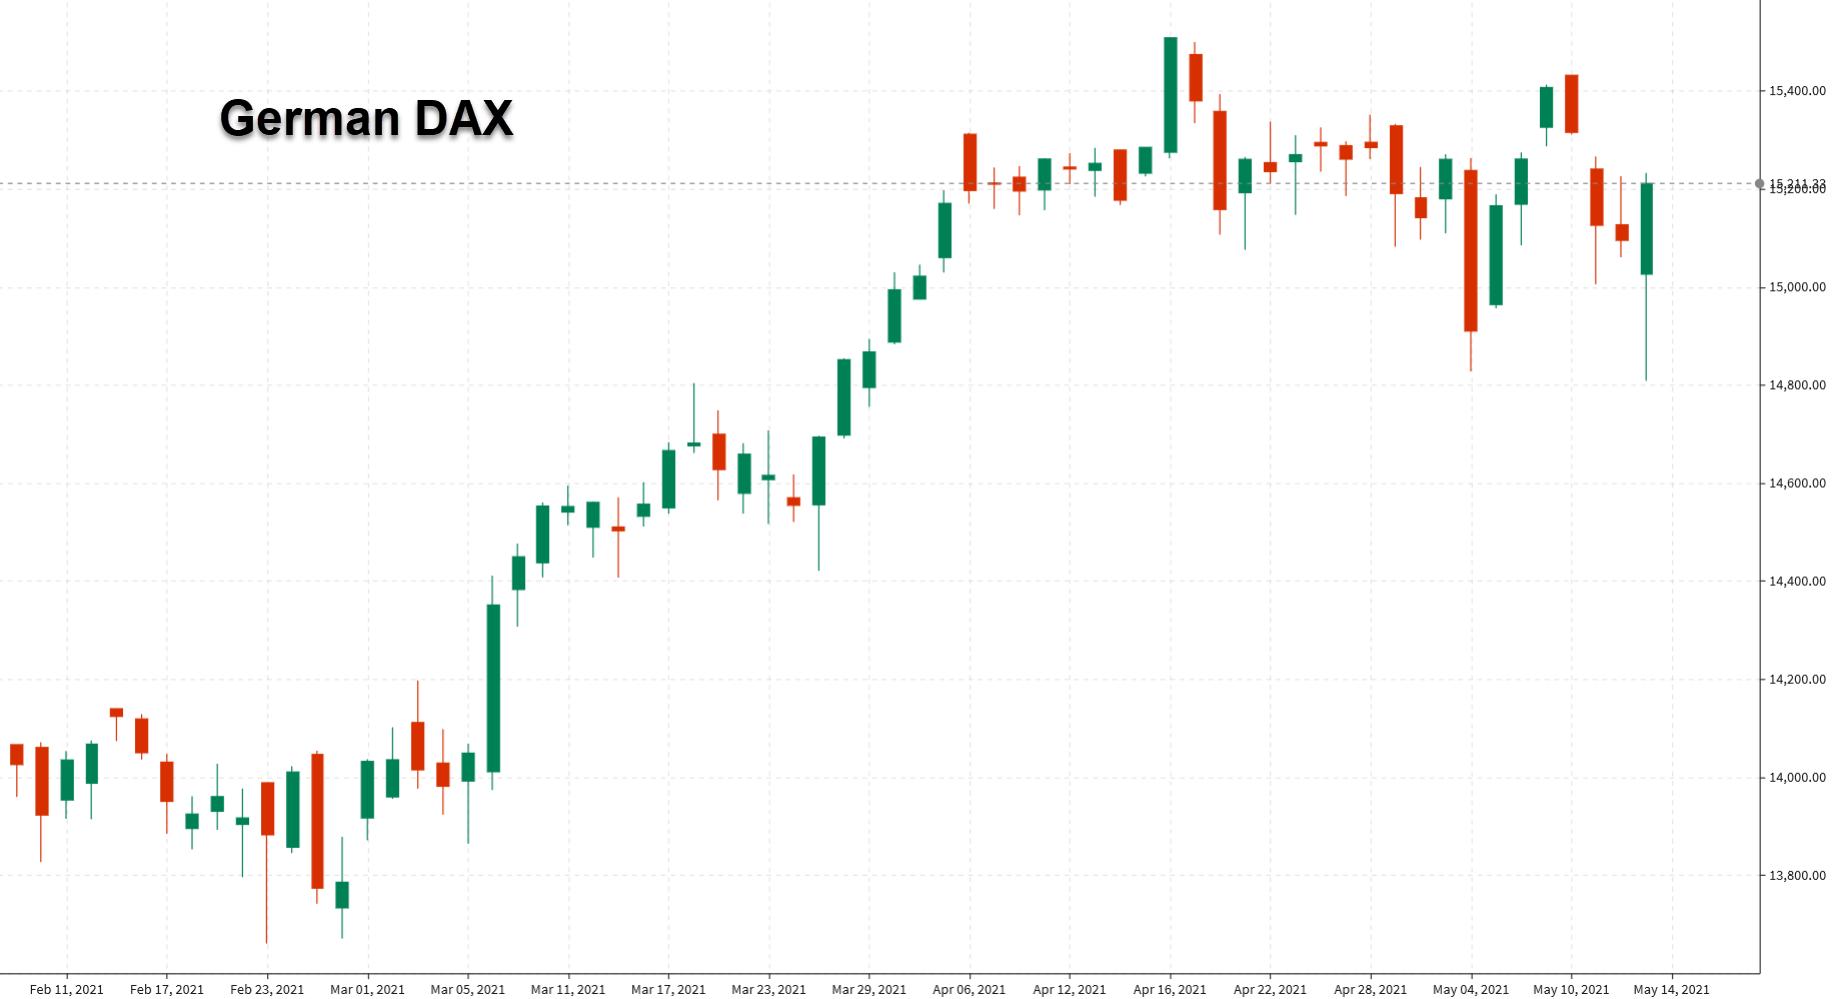 German DAX chart